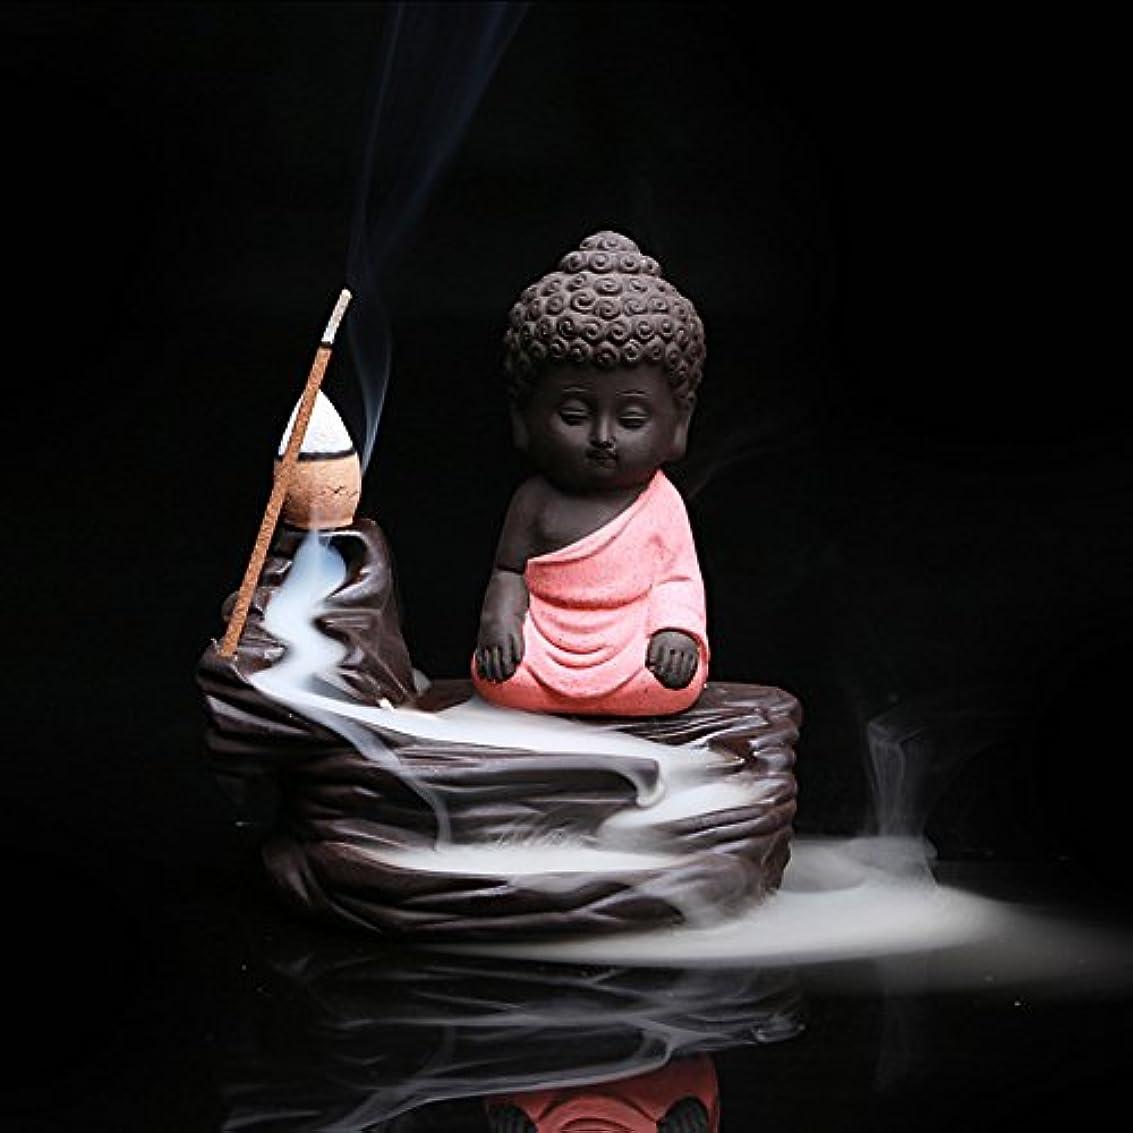 クリエイティブ逆流香炉コーンスティックホルダーSmall BuddhaセラミックCenserホーム部屋装飾 12.0*12.0*6.0cm レッド Colorado